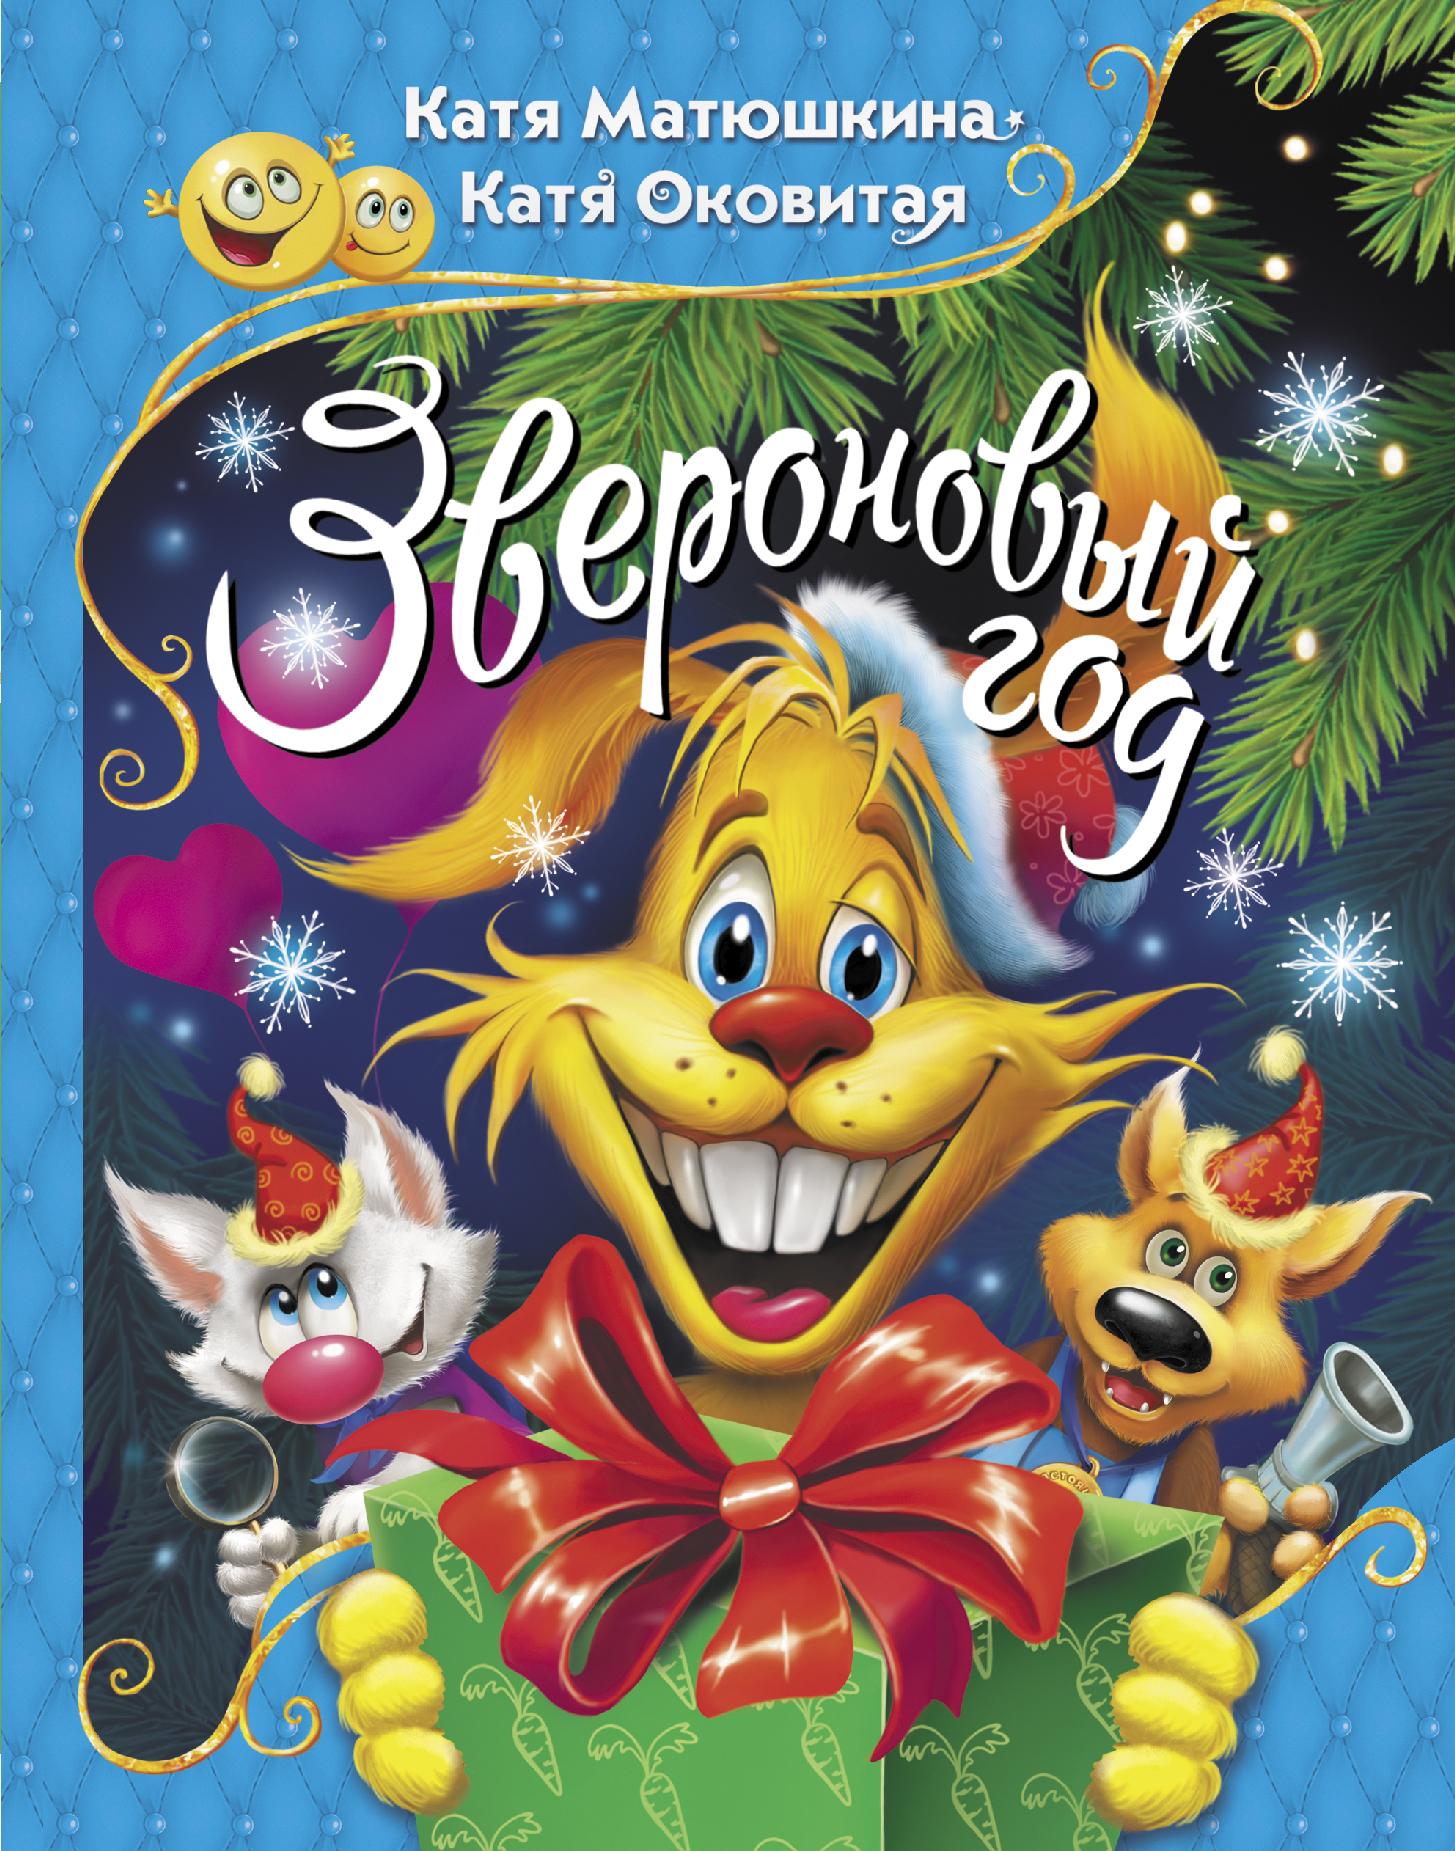 Катя Матюшкина, Катя Оковитая Звероновый год матюшкина е оковитая е звероновый год